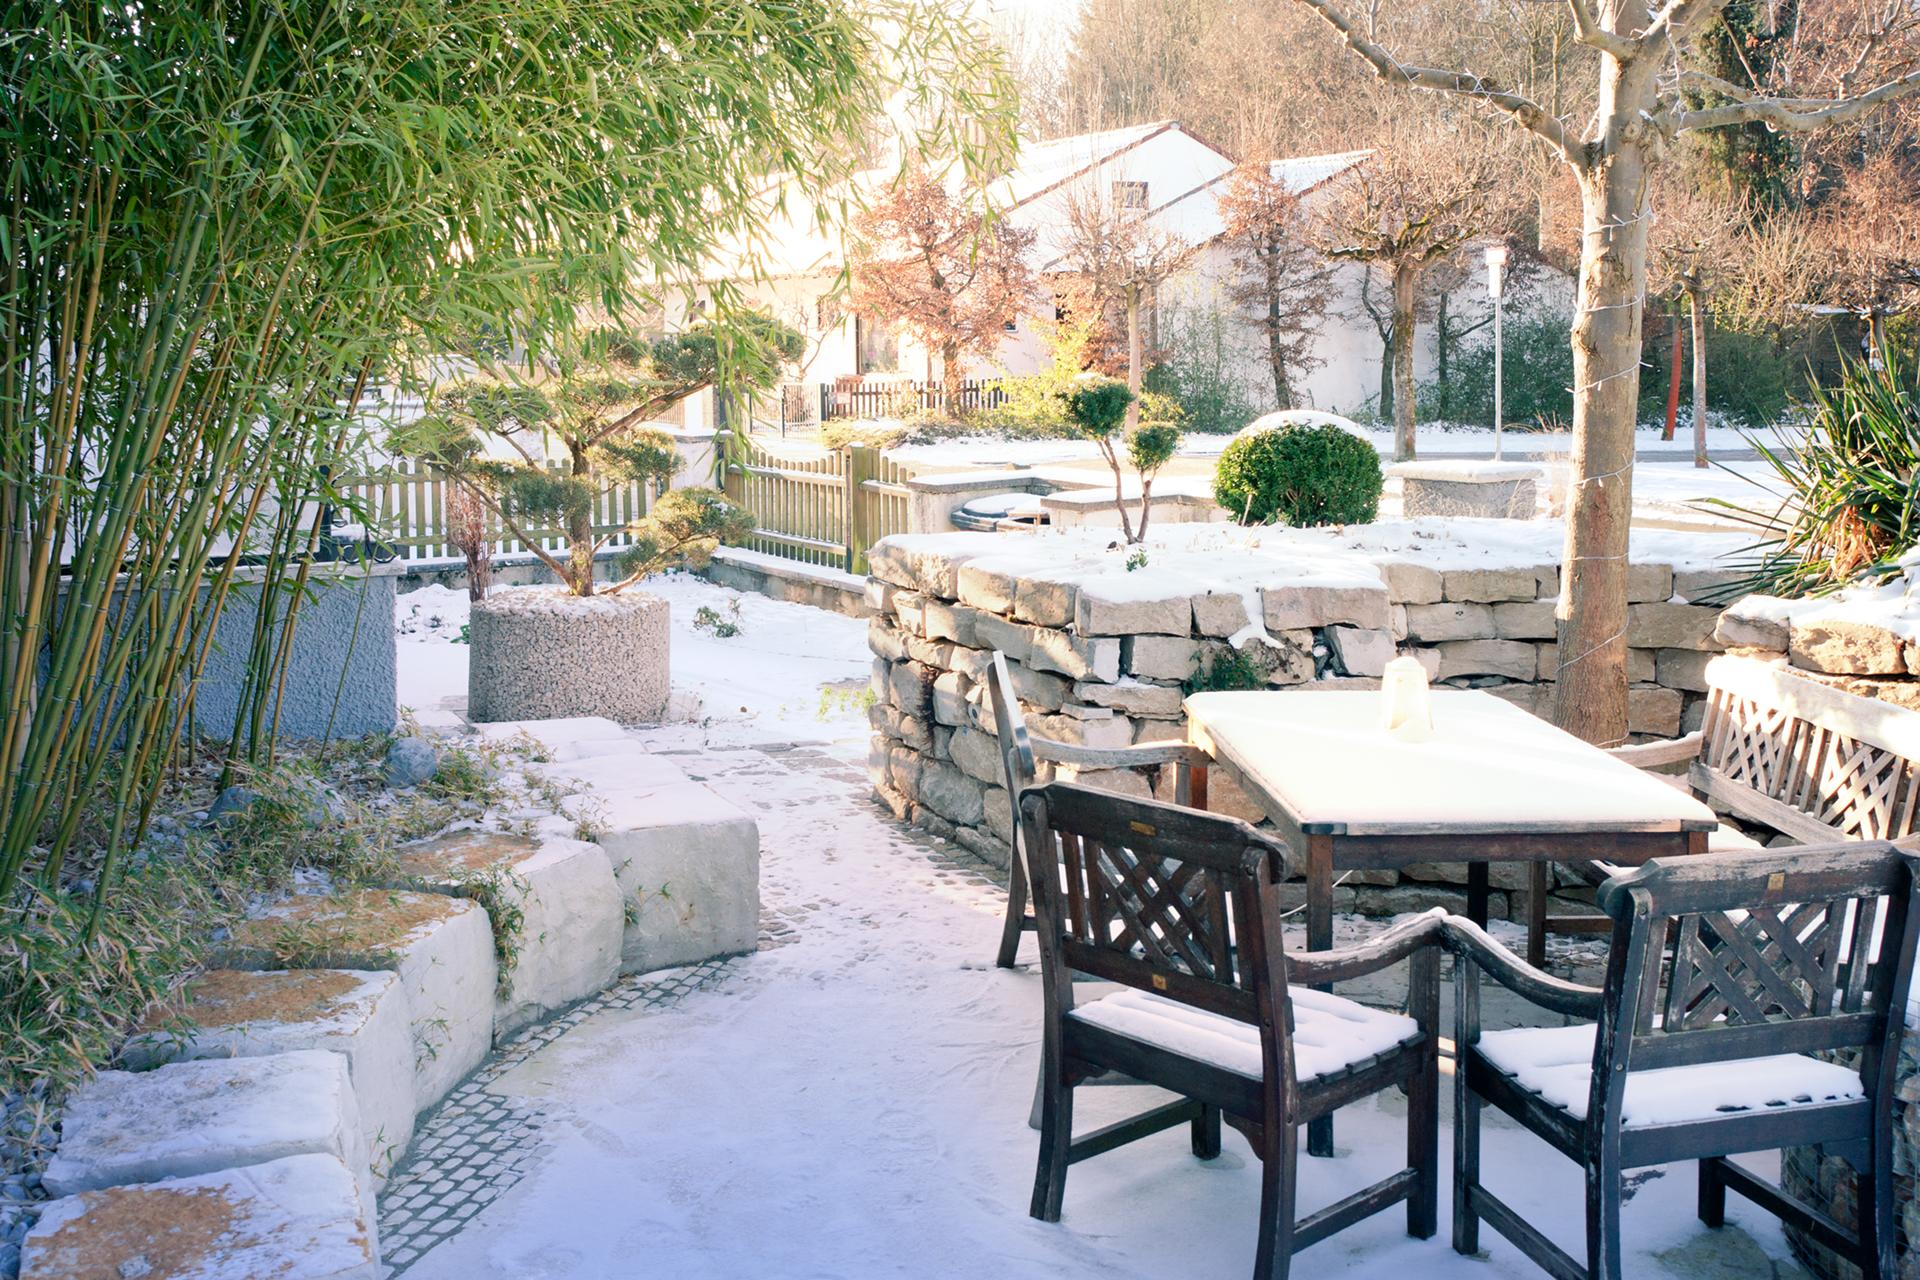 ook in de winter is de tuin mooi